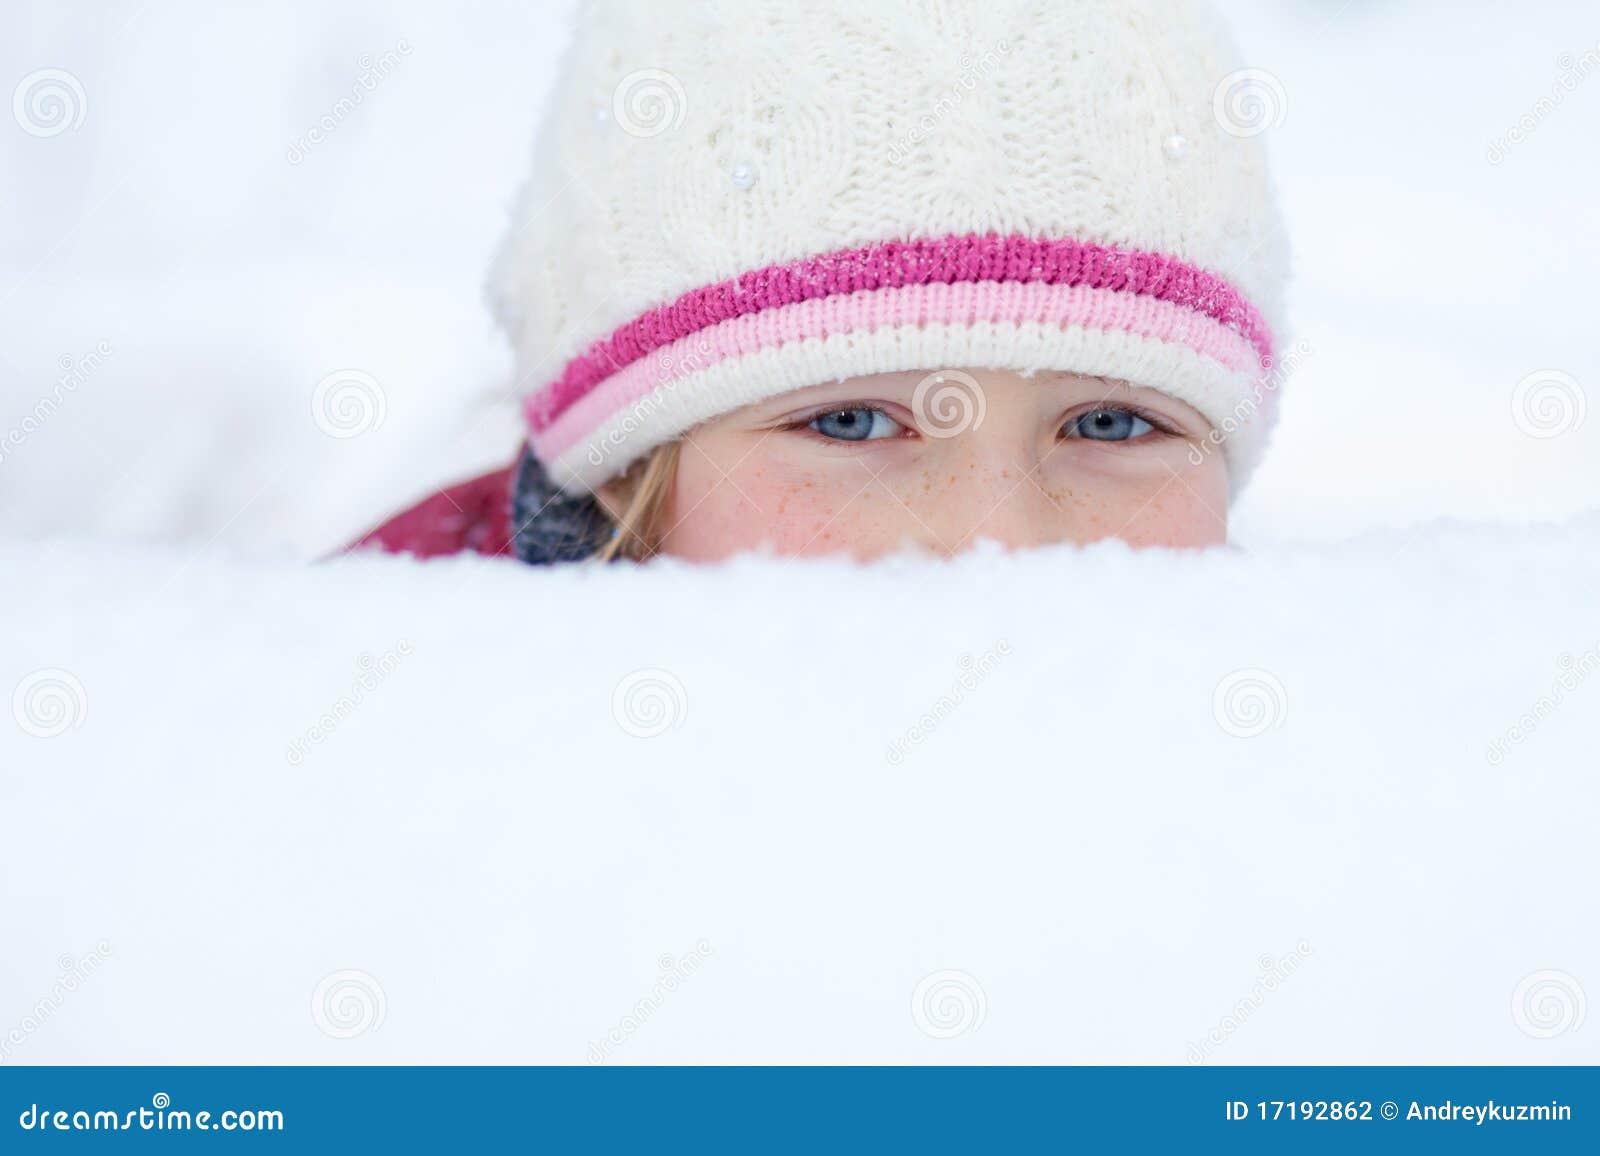 Olhar da menina fora do snowdrift com olhos do smiley